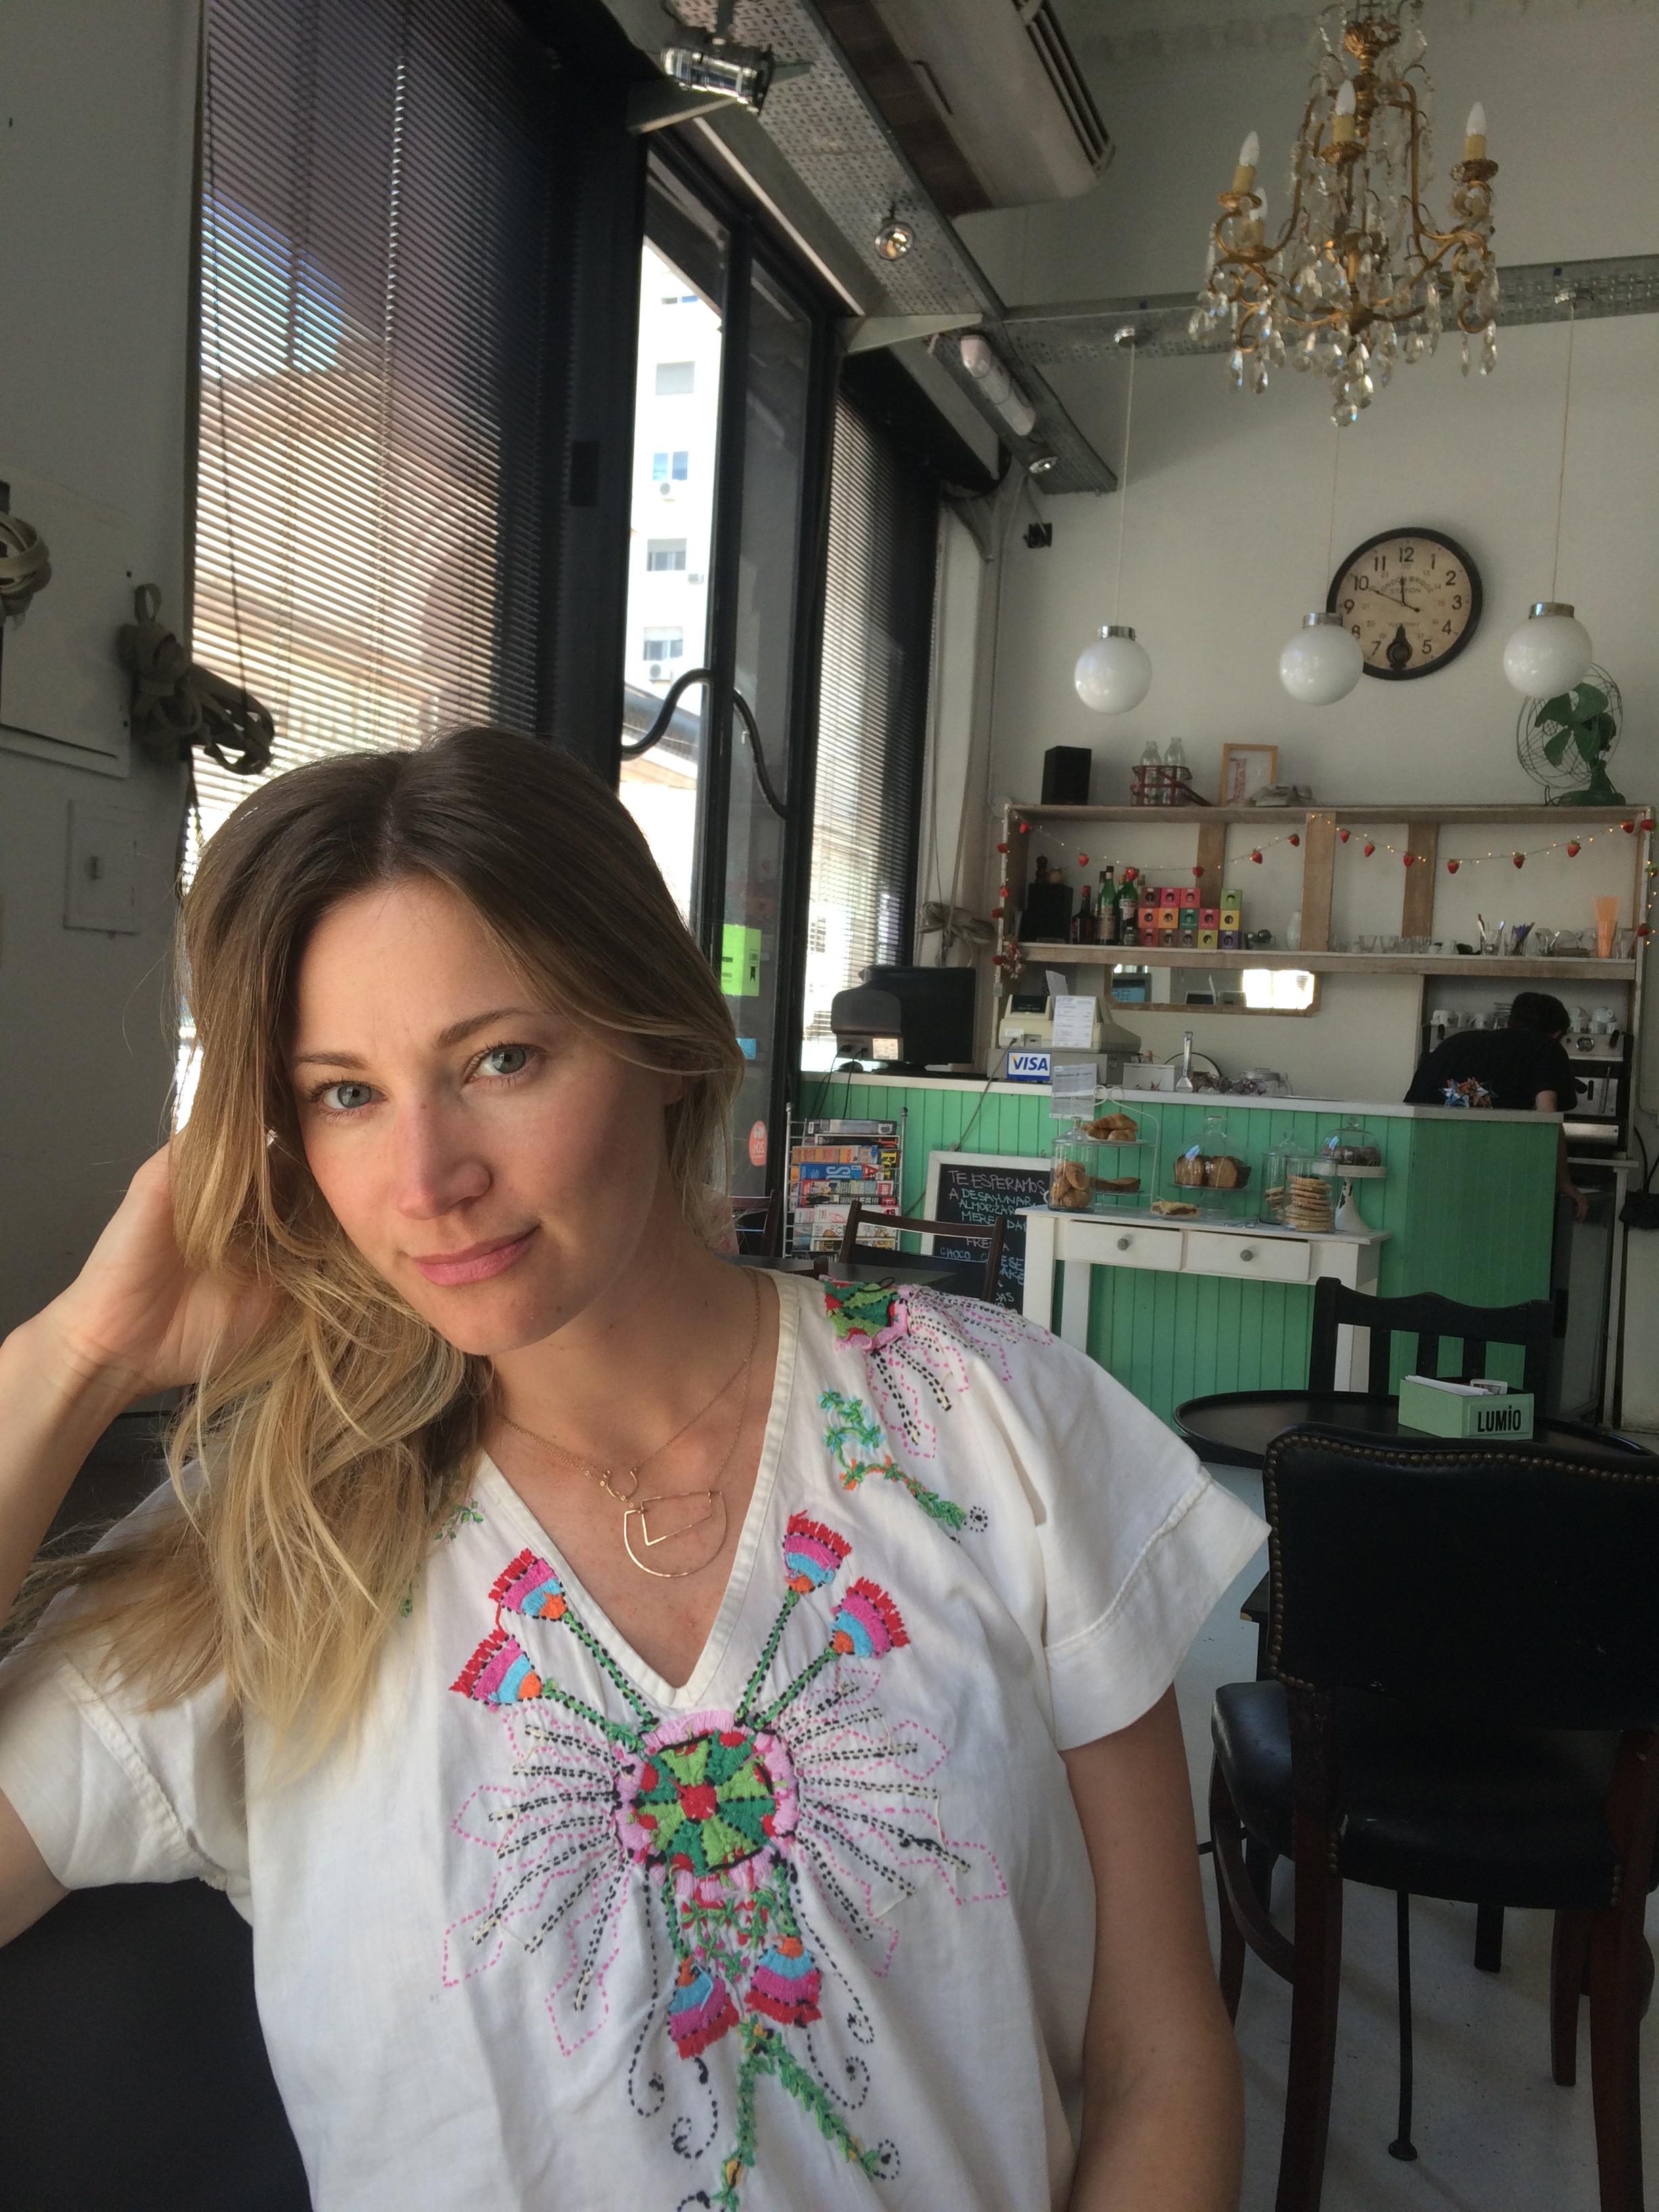 Espresso at Cafe Lumio